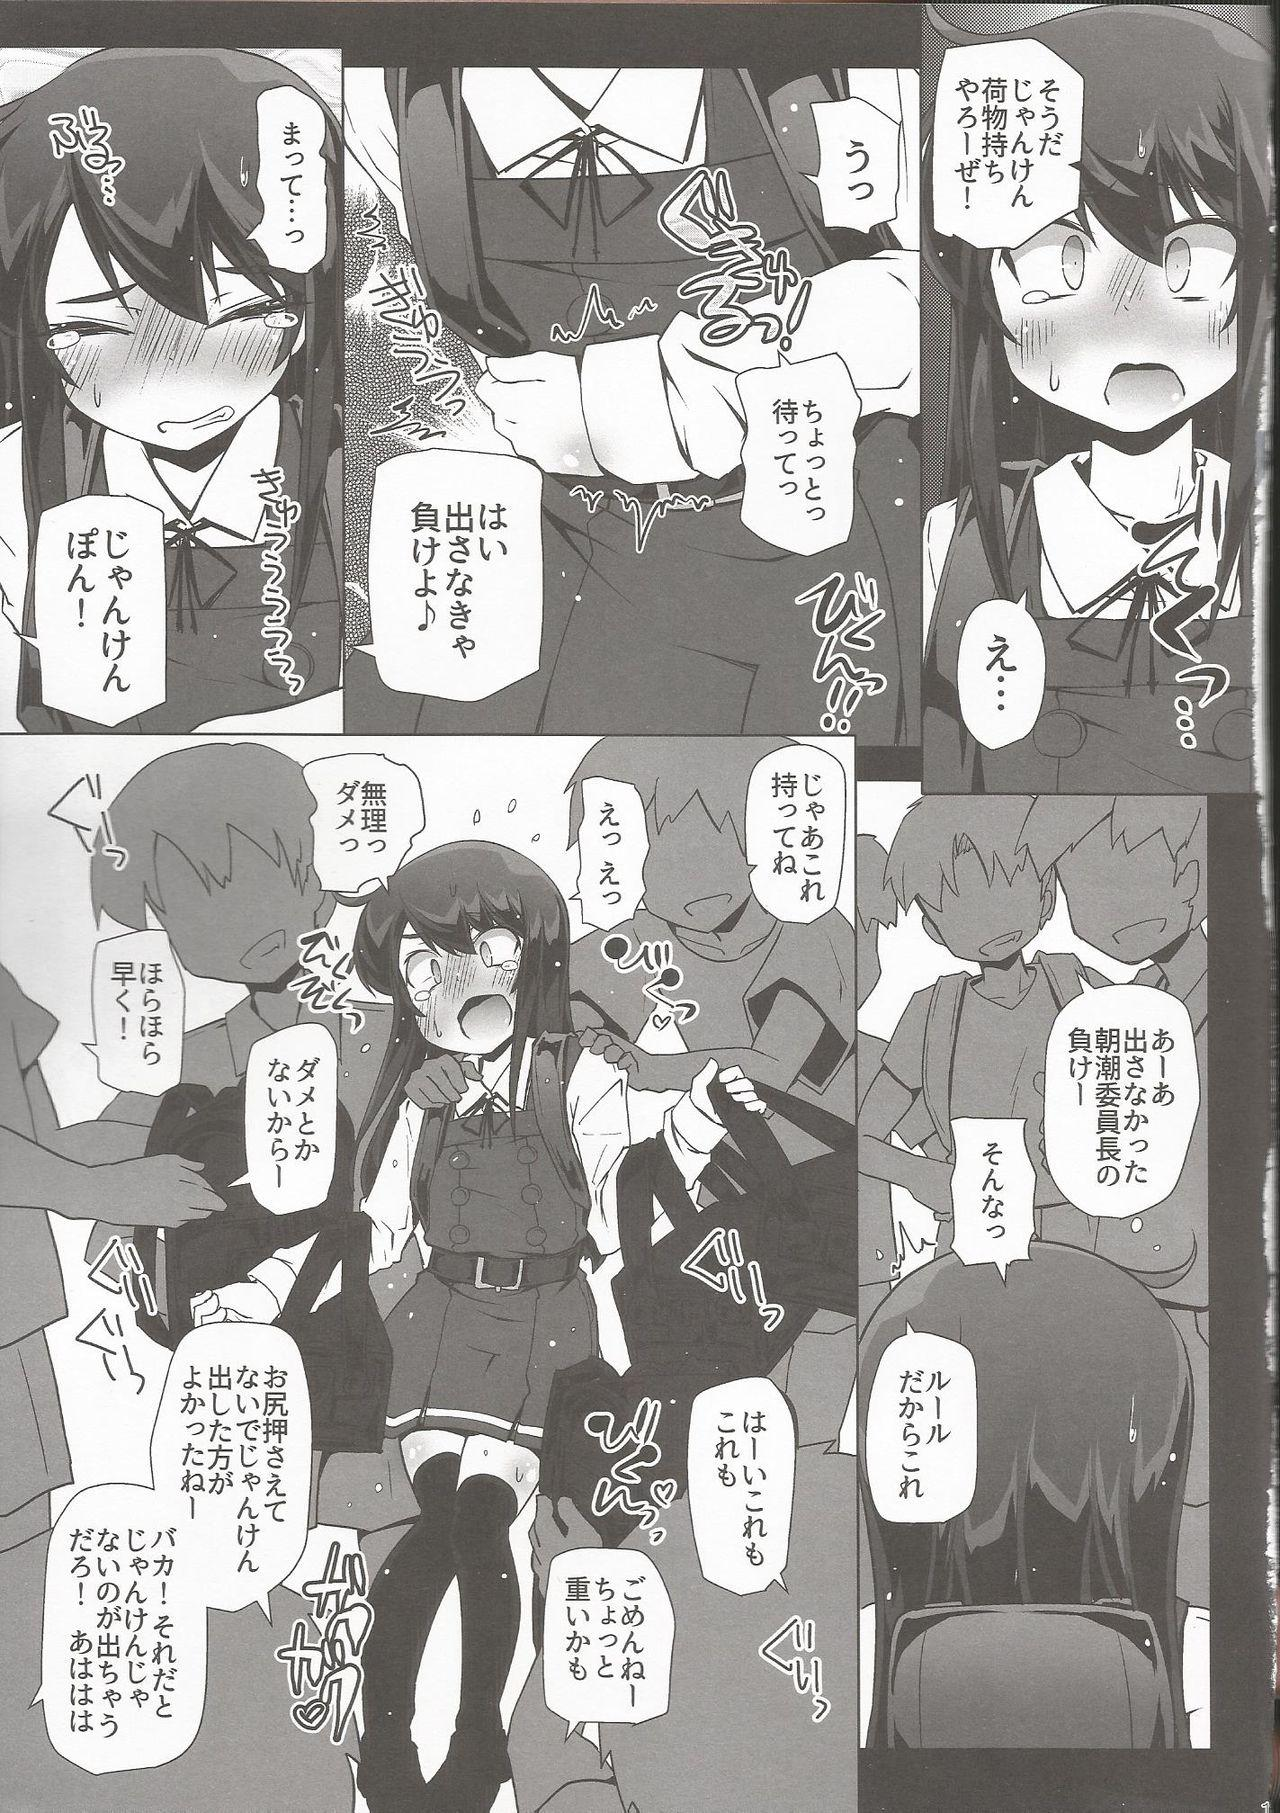 Asashio-san Kyou wa Issho ni Kaerou yo 11